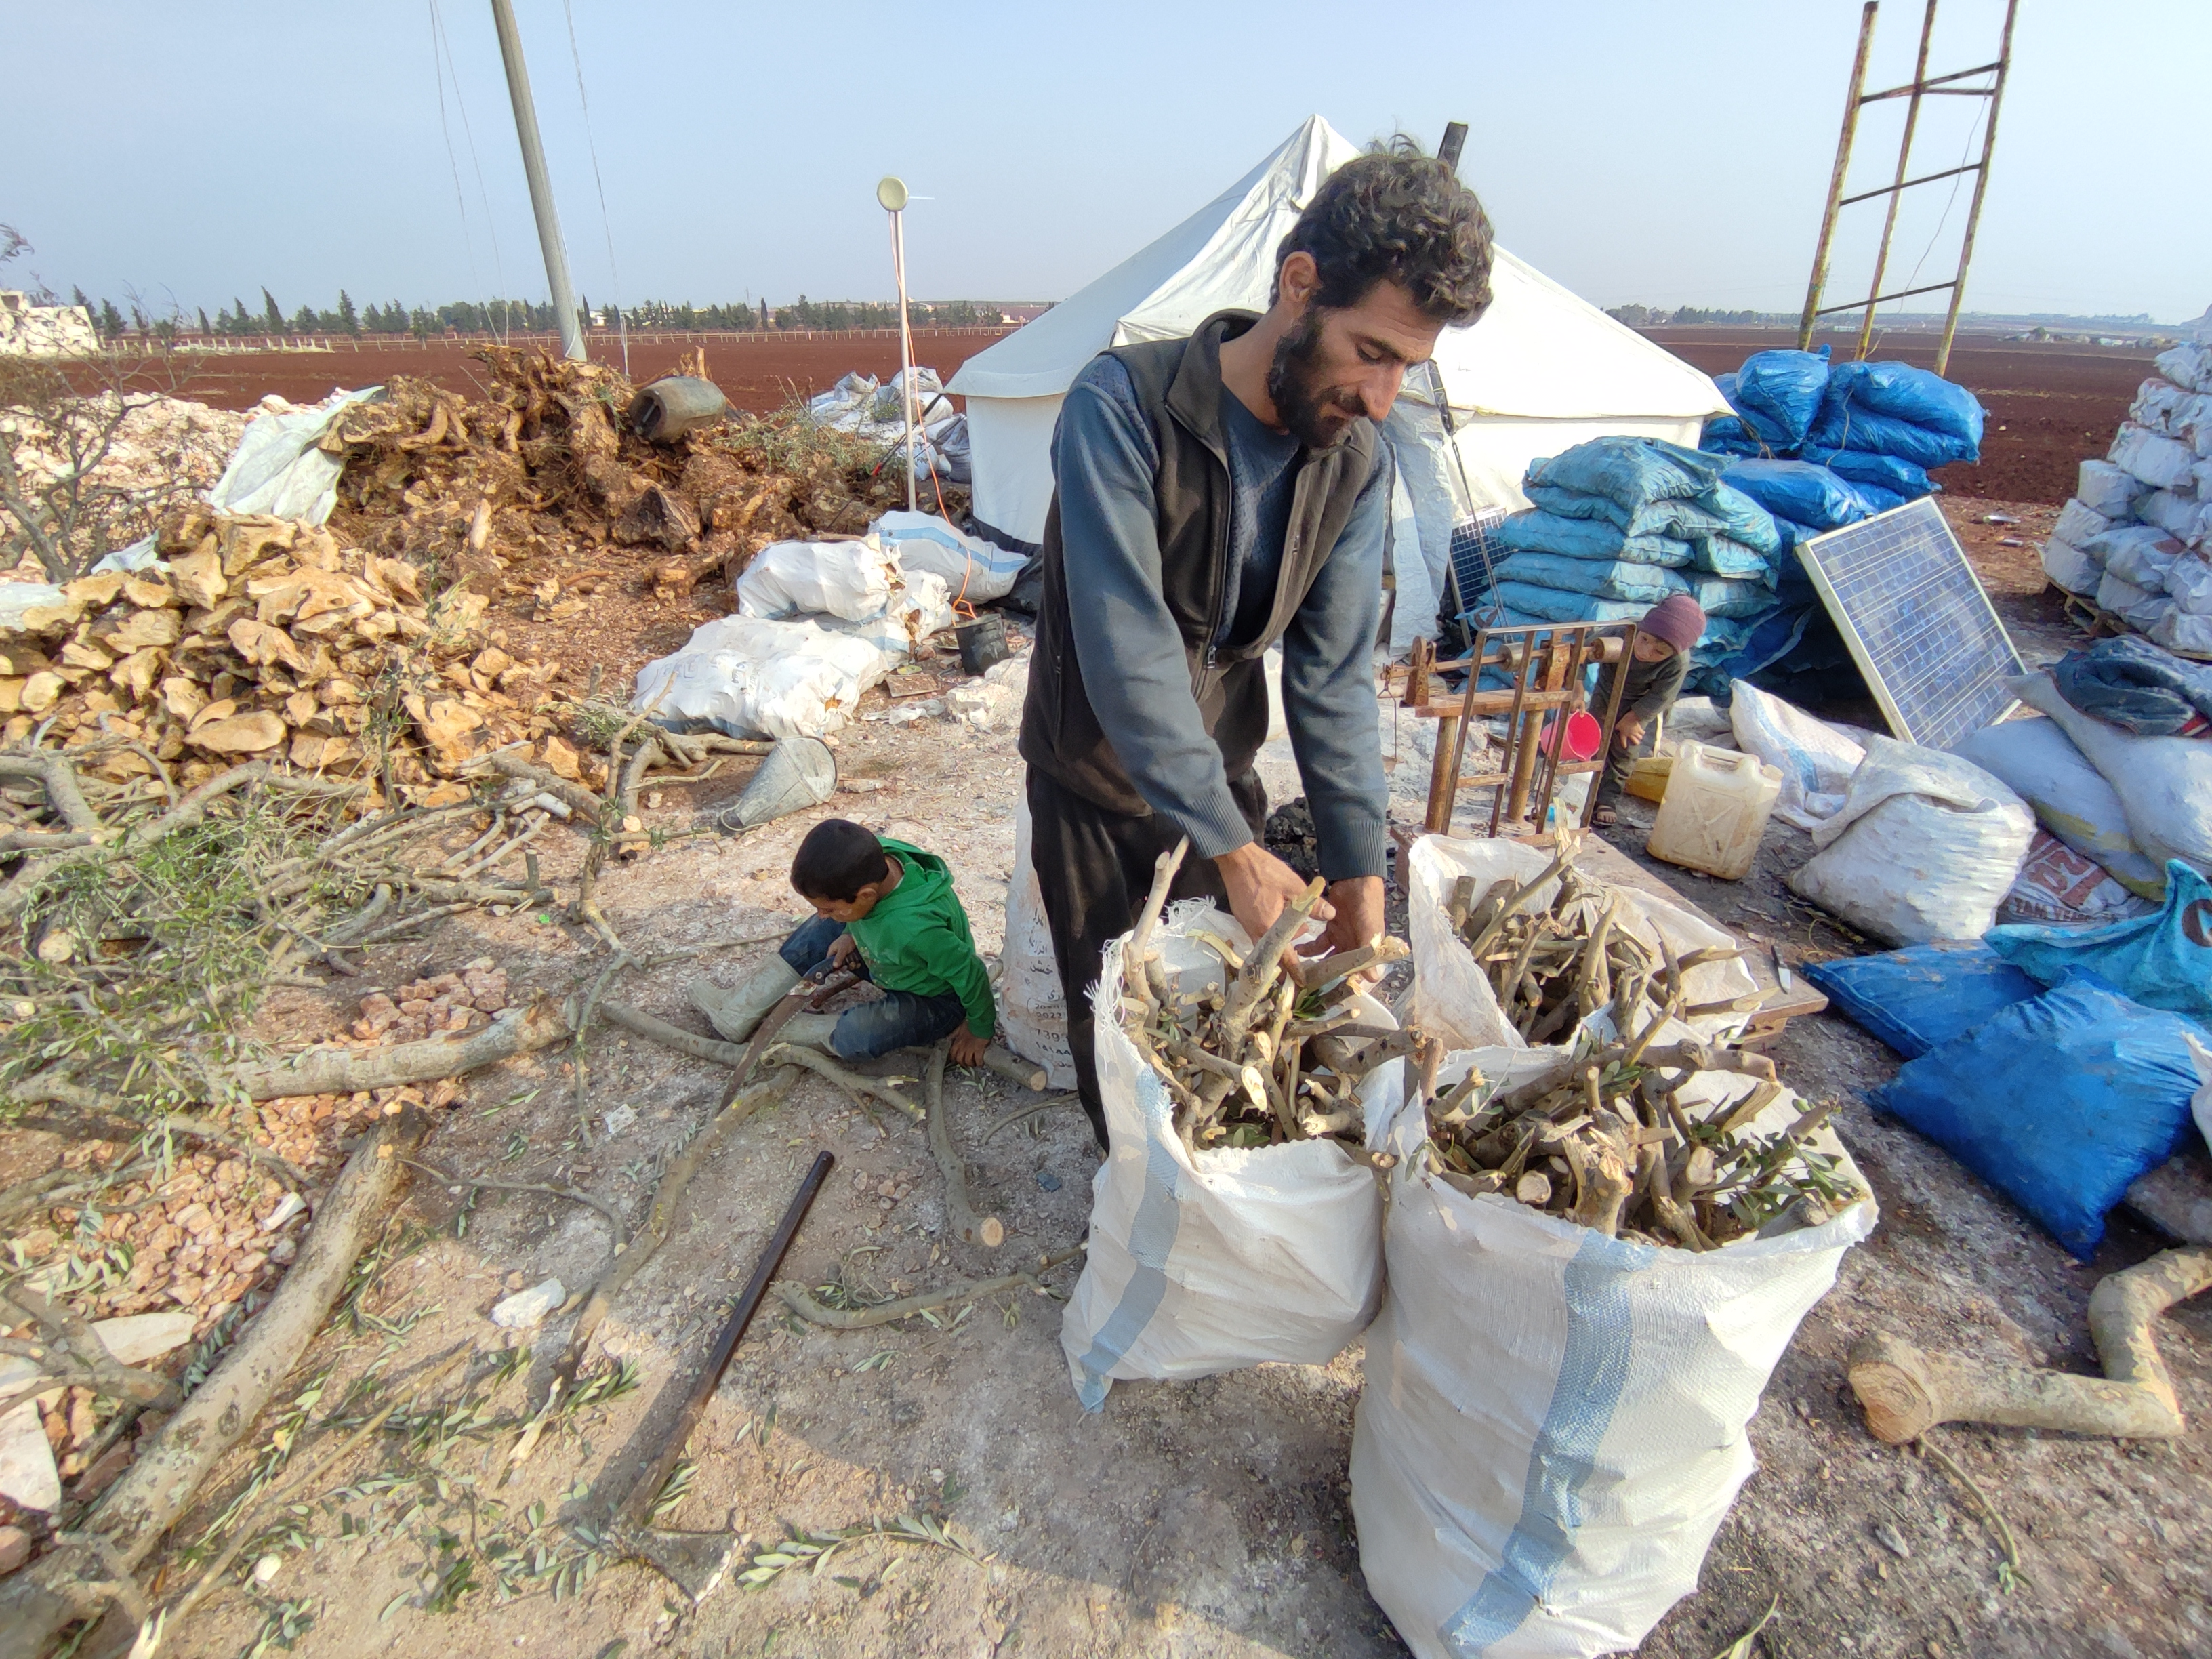 استبيان: 89 بالمئة عاطلون عن العمل شمال غربي سوريا